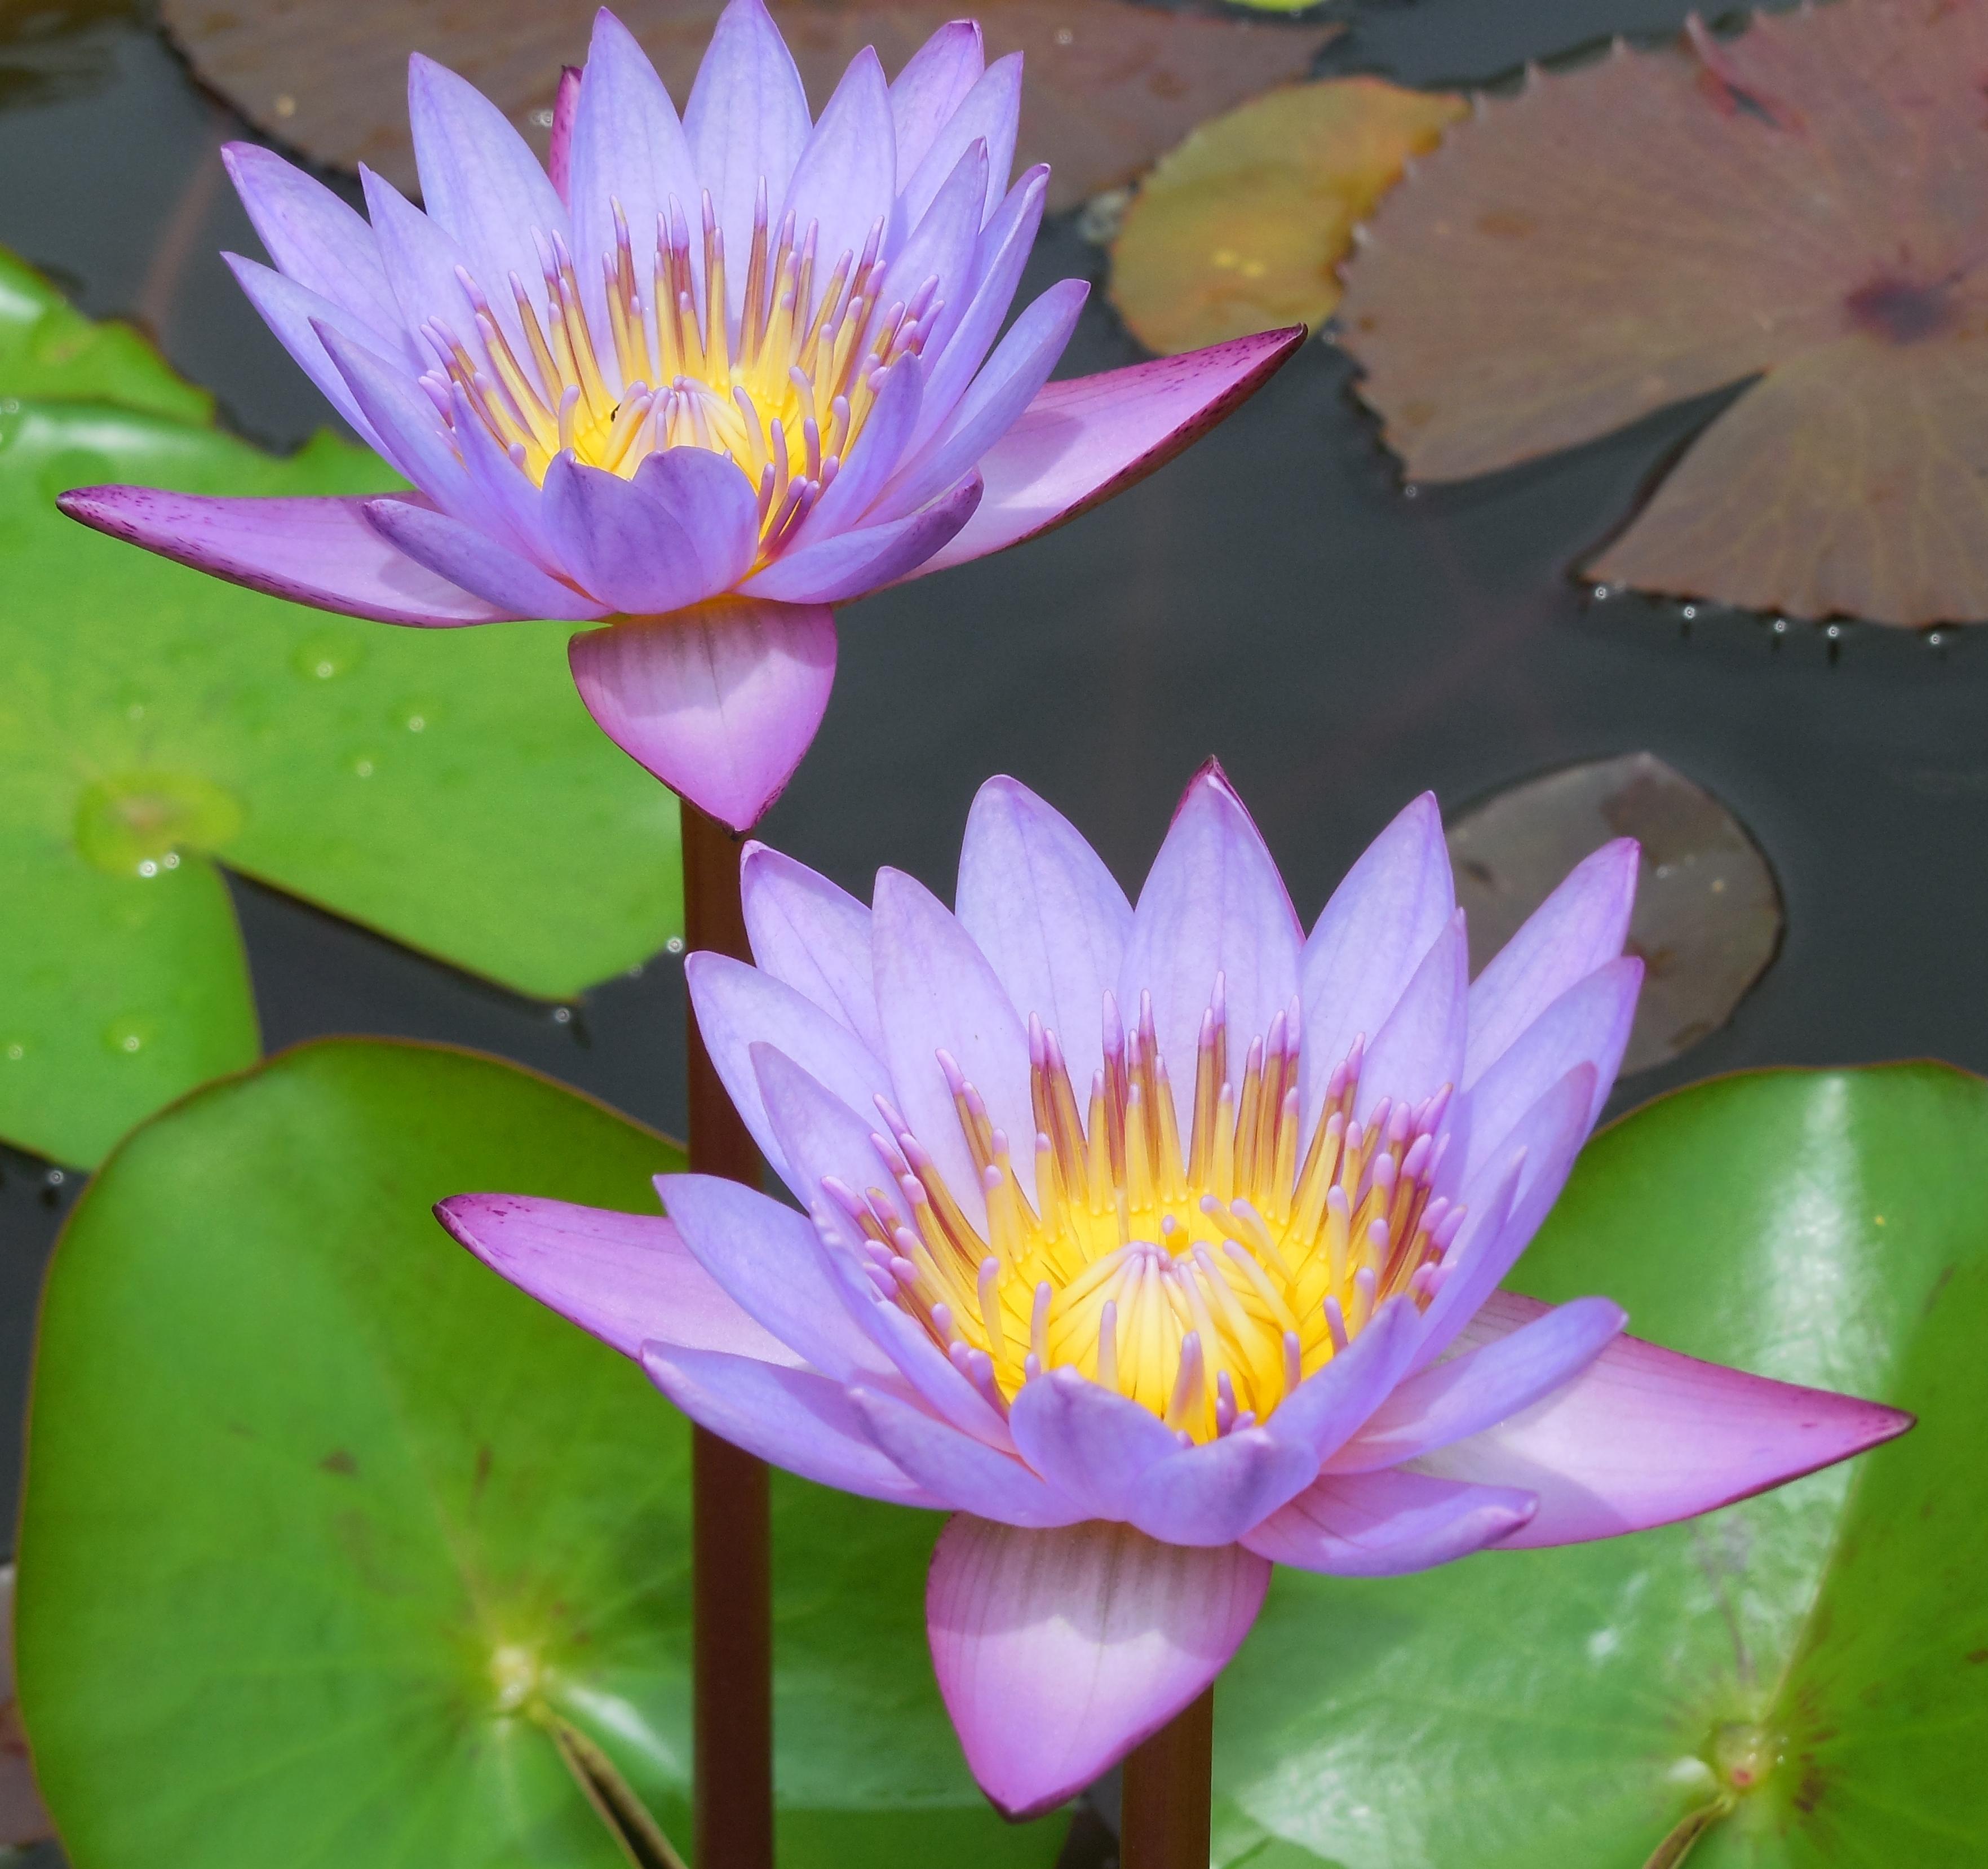 lotus in water plant diagram mk4 jetta ac wiring file lily thiruvananthapuram jpg wikimedia commons